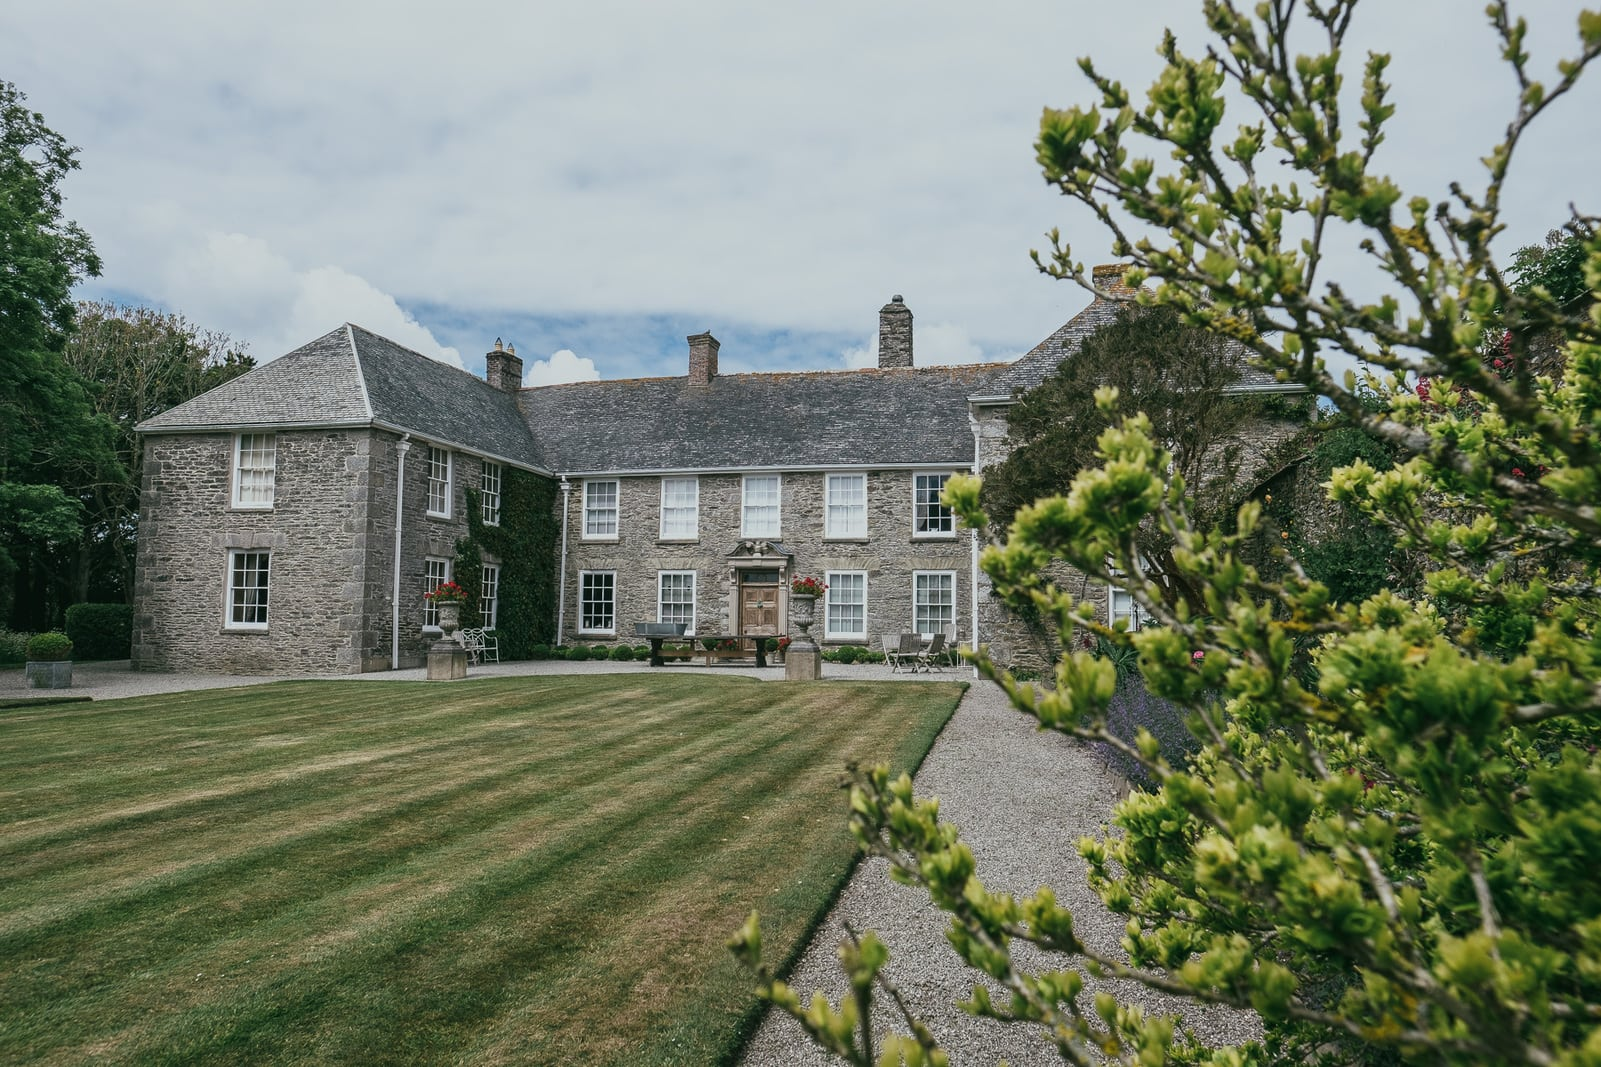 Rostegue Manor a wedding venue near Portscatho in Cornwall